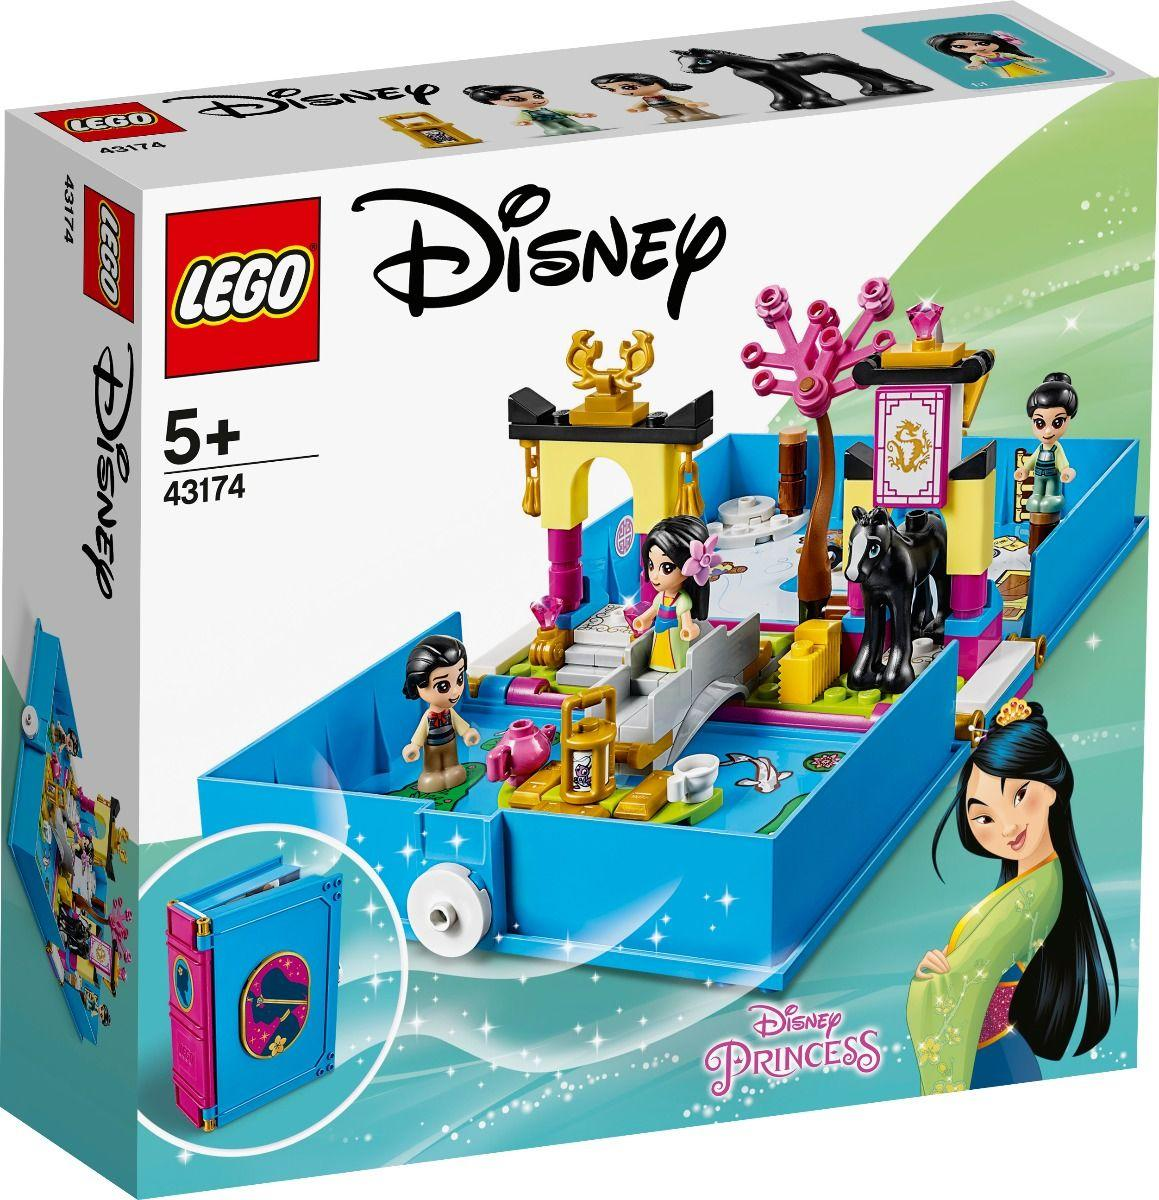 43174 Lego Disney Princess Книга сказочных приключений Мулан, Лего Принцессы Дисней